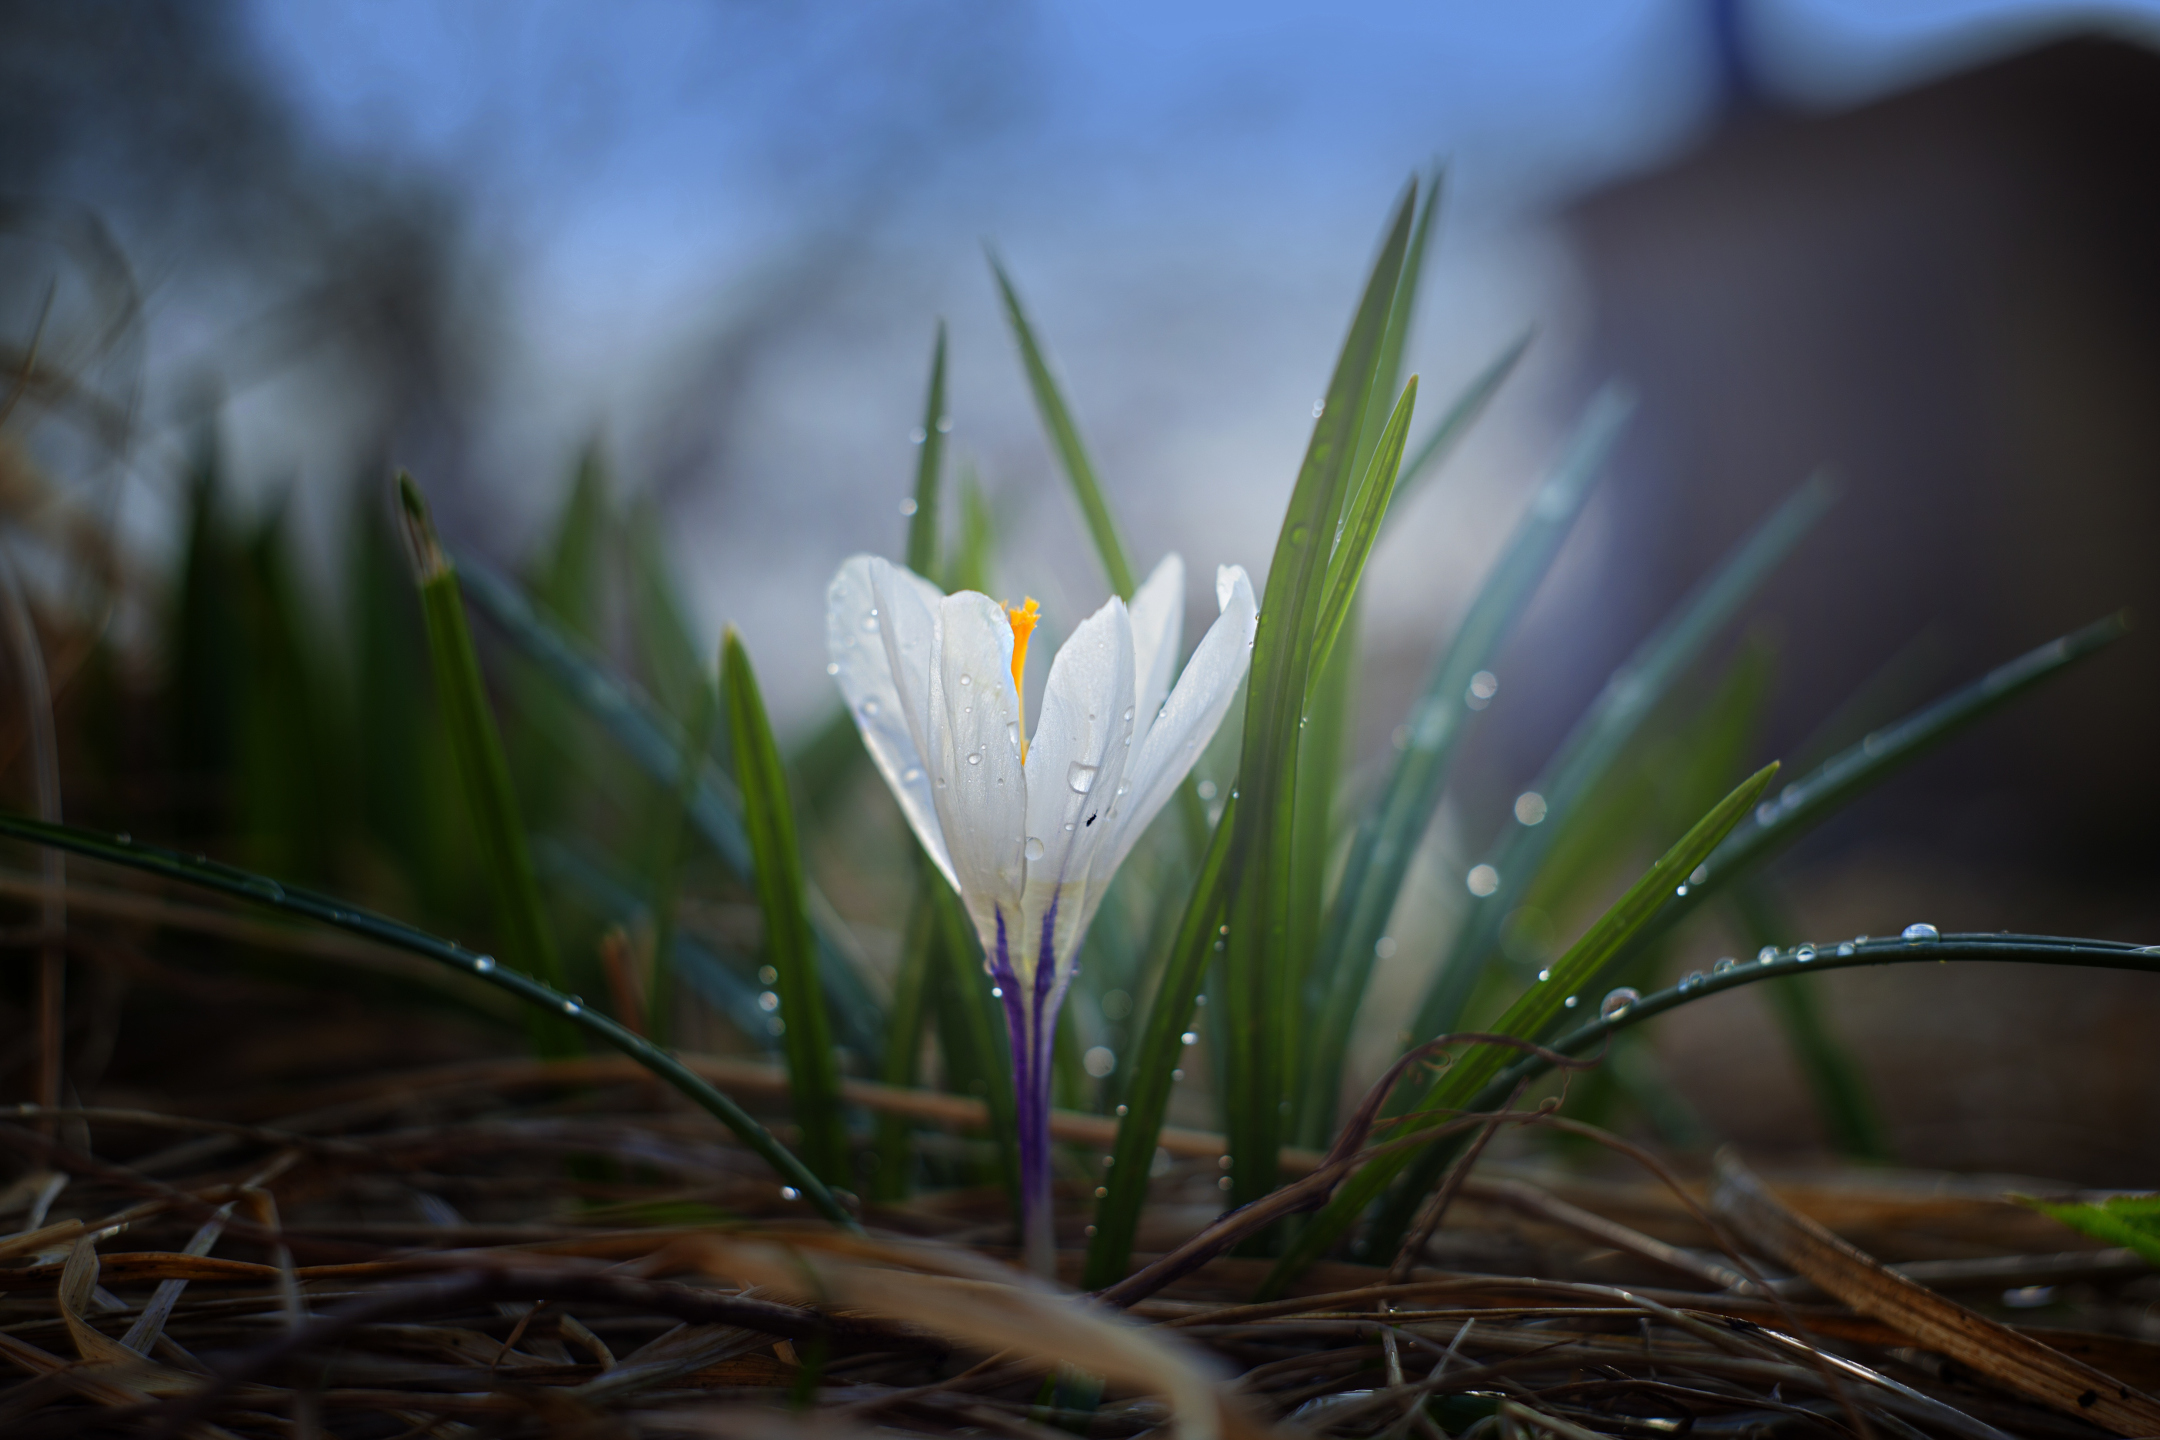 Der Frühling steht im Zeichen der Schönheit. Überall blüht es. - Photocredit: pixabay.com/shapkasushami